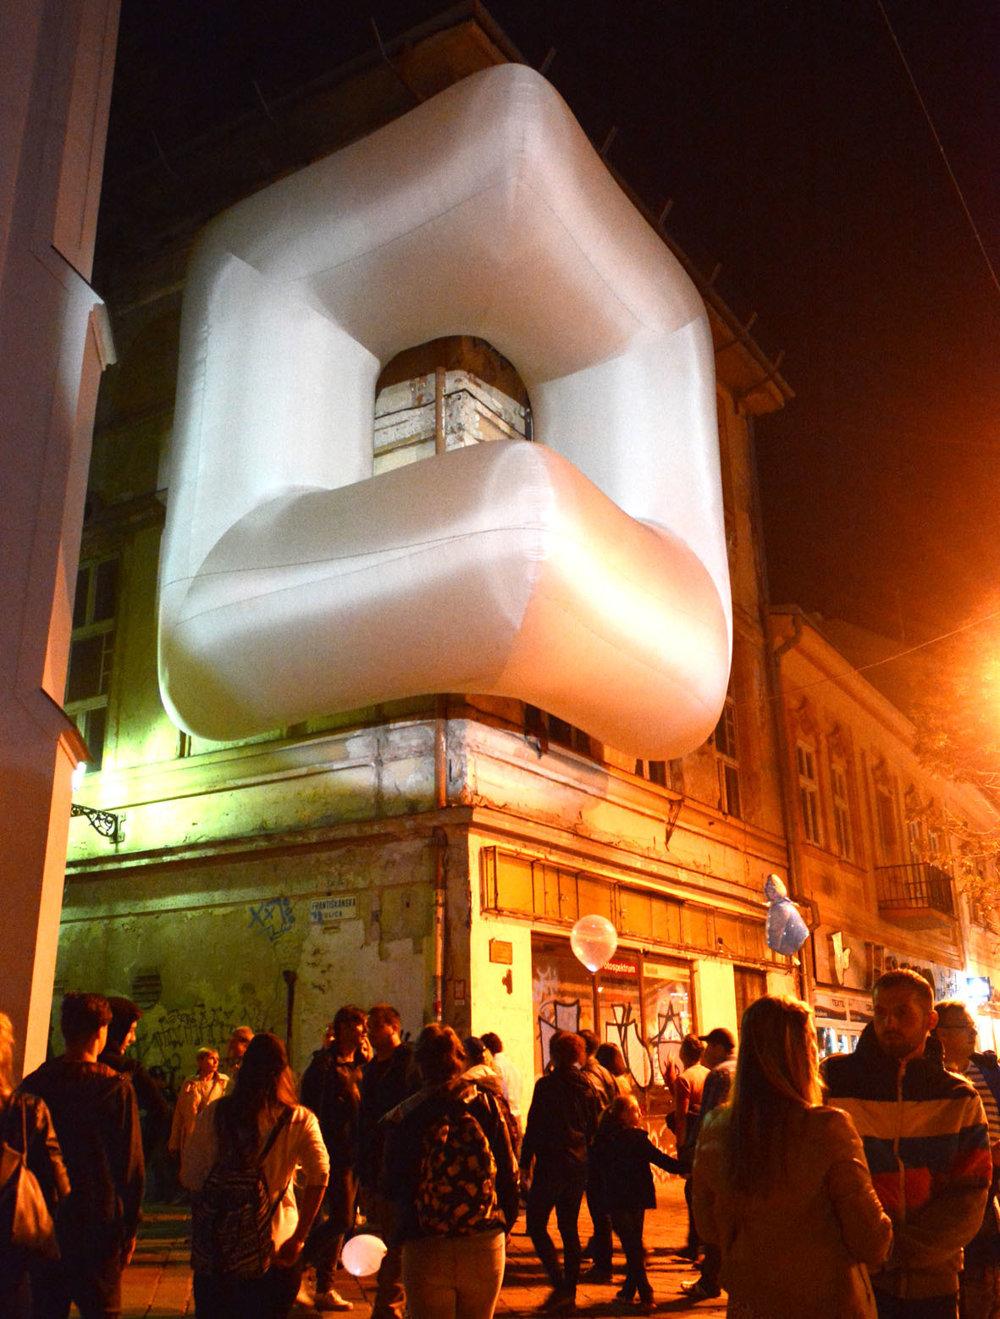 Jeden znajzaujímavejších objektov. Inštalácia švajčiarskej dvojice Sabine Lang aDaniela Baumanna snázvom Comfort #13 na rohu Františkánskej ulice. sa jednoducho nedala obísť bez povšimnutia.